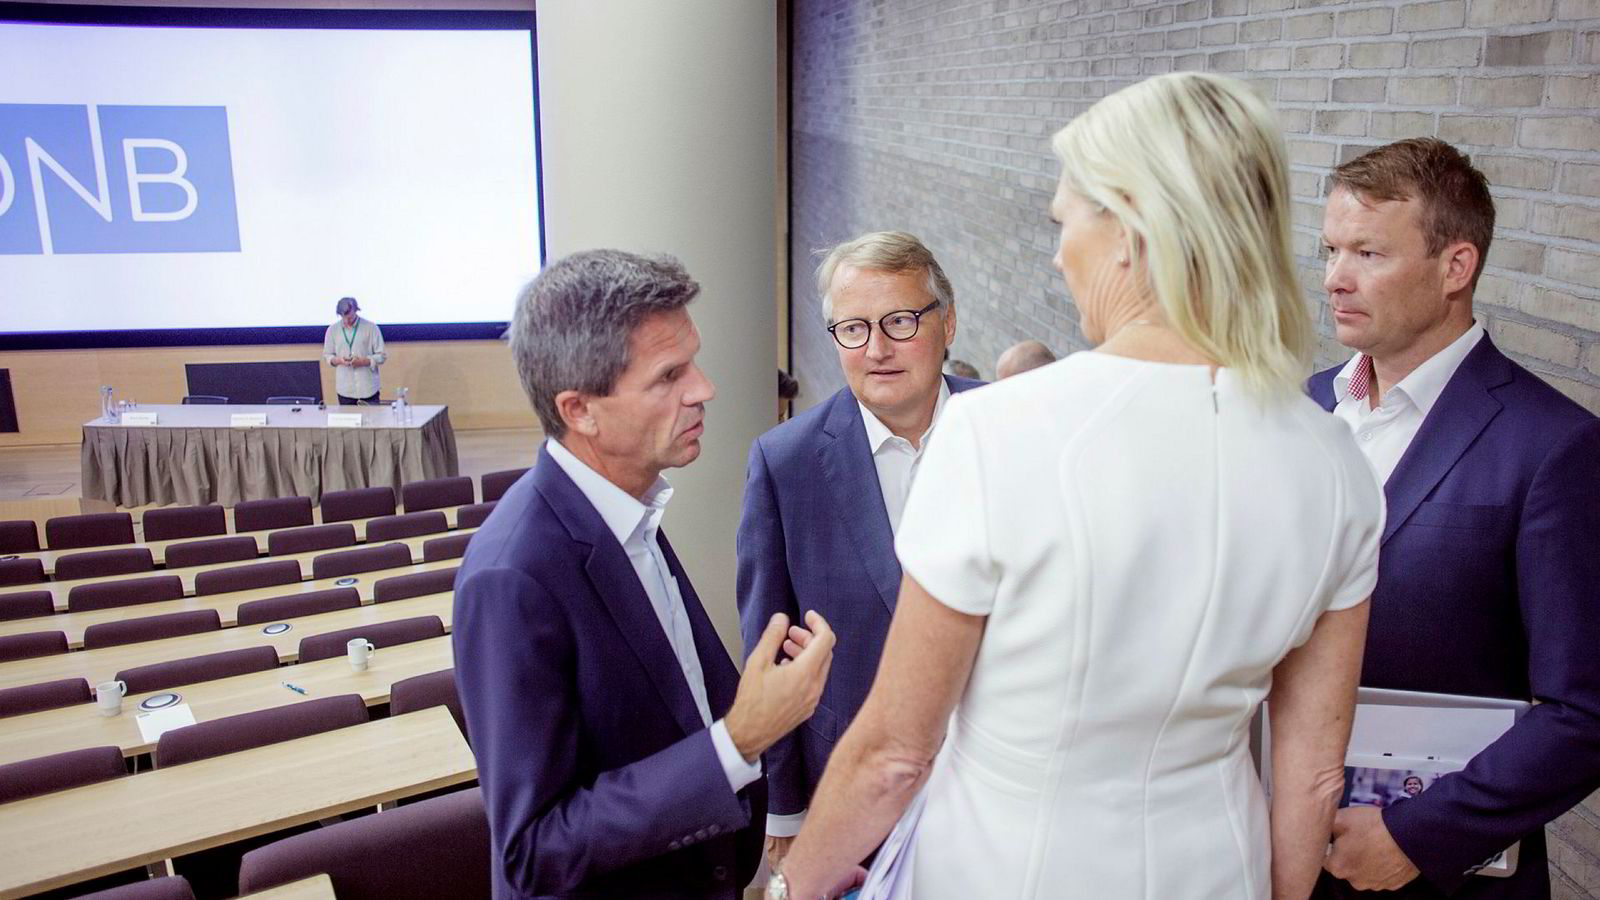 Ledertrioen i DNB økte sin samlede lønn med 1,5 millioner kroner ifjor. Fra venstre: DNB Markets-sjef Ottar Ertzeid, DNB-sjef Rune Bjerke, finansdirektør Kjerstin R. Braathen, og kommunikasjonsdirektør Thomas Midteide.